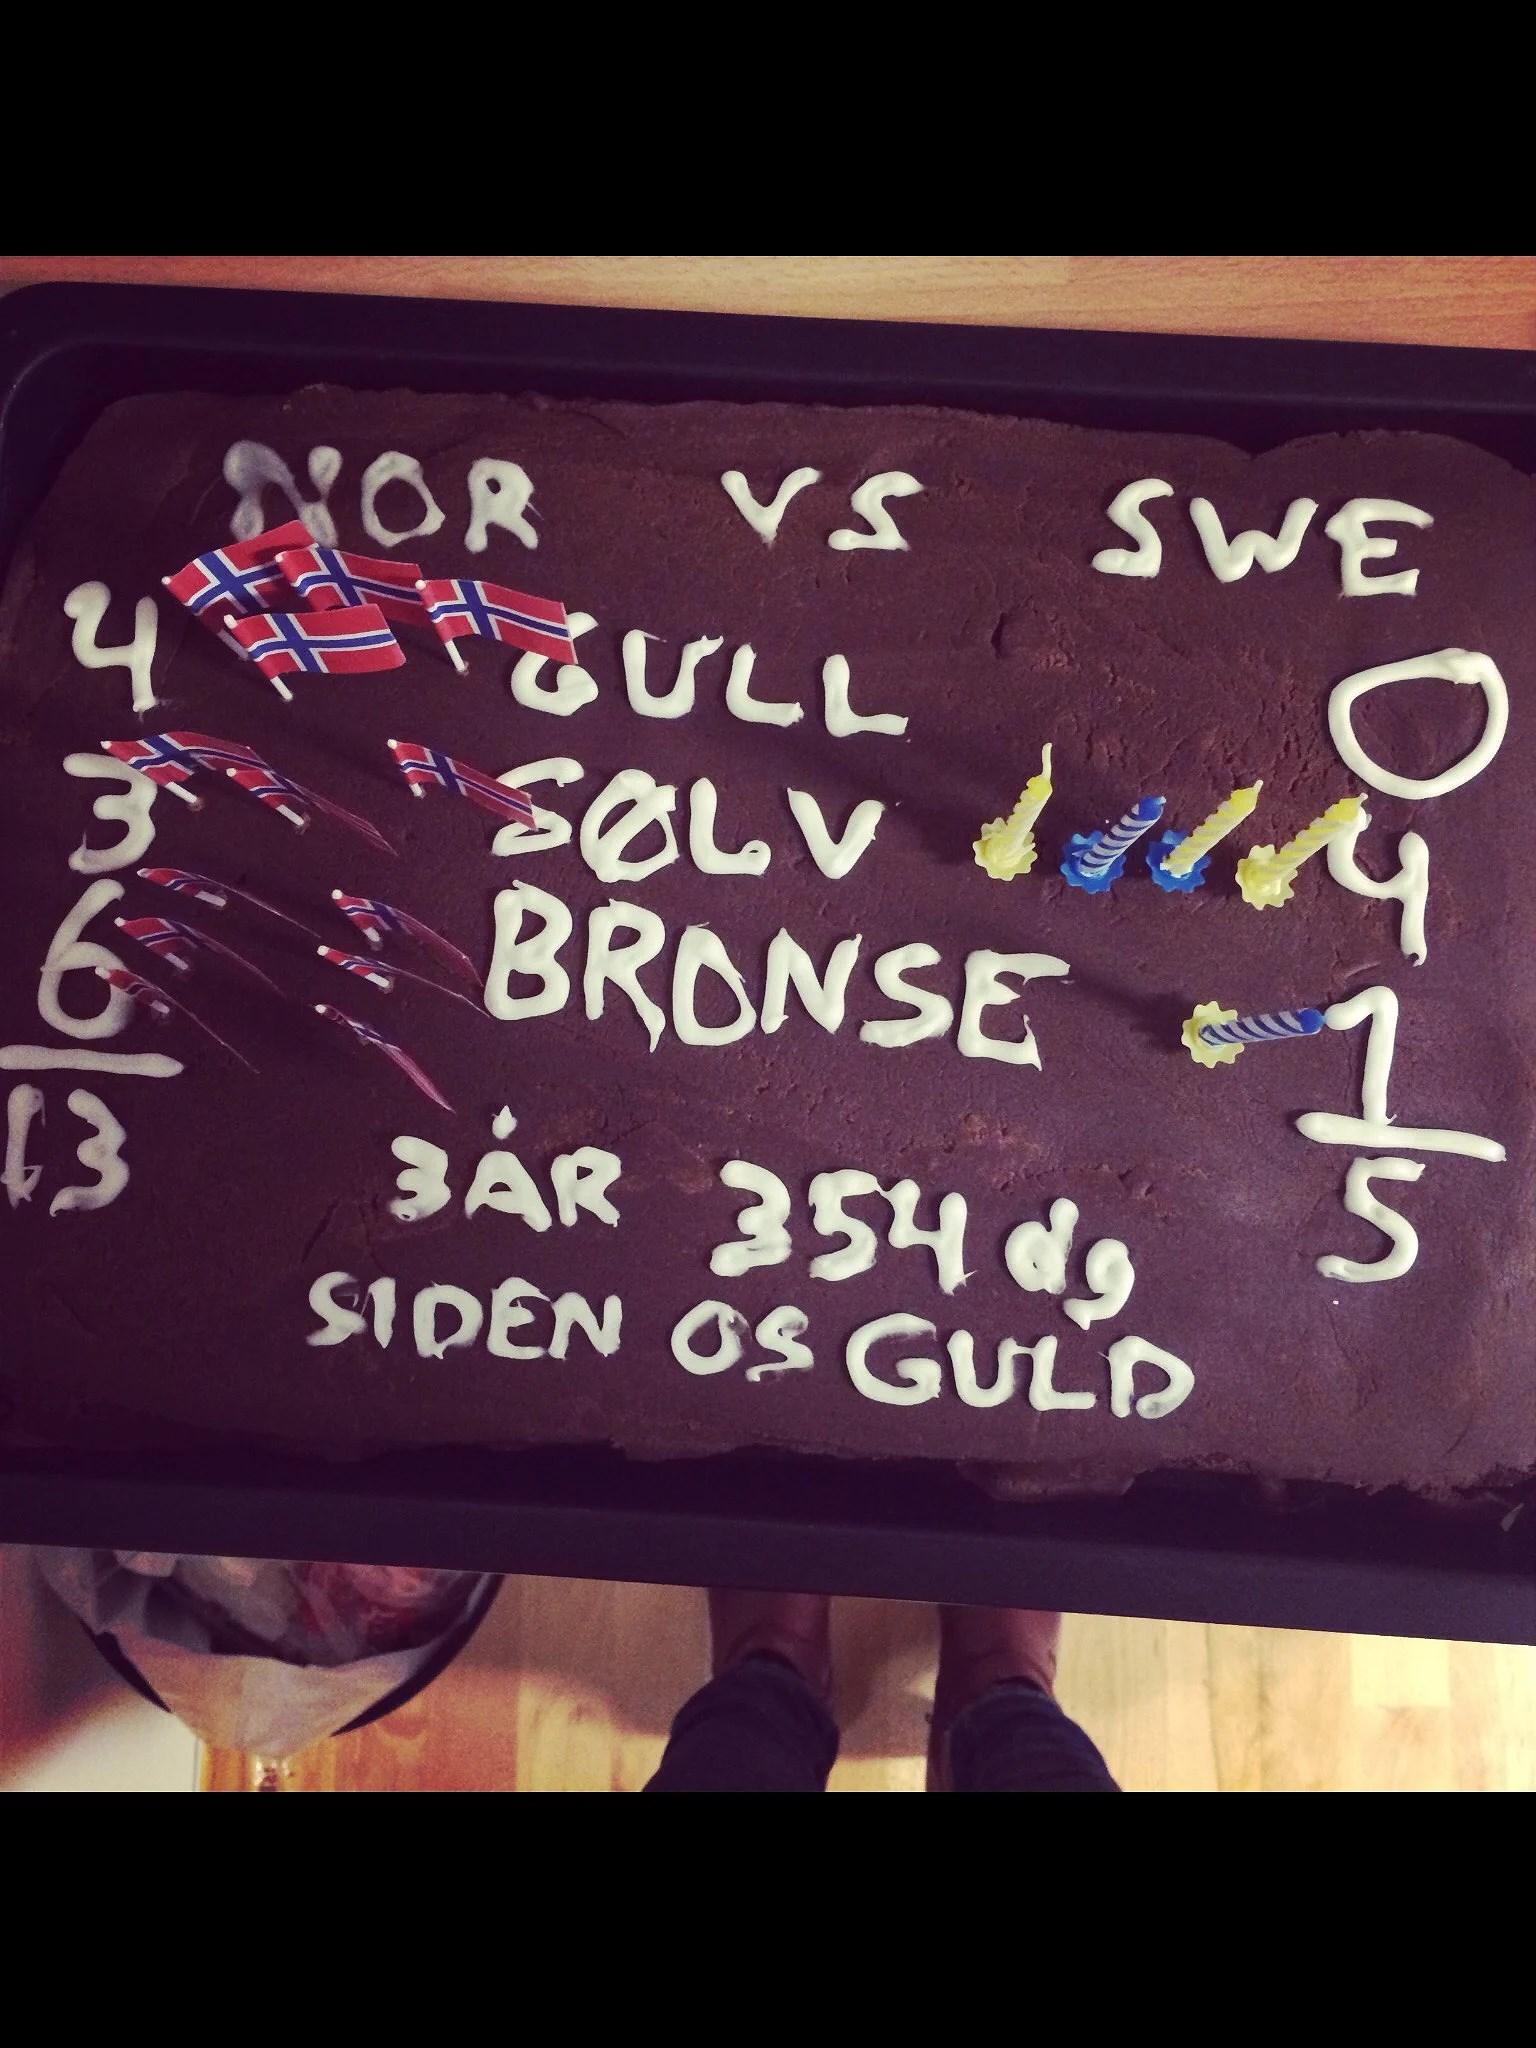 Sverige vs Lillebror. 🇸🇪🇳🇴